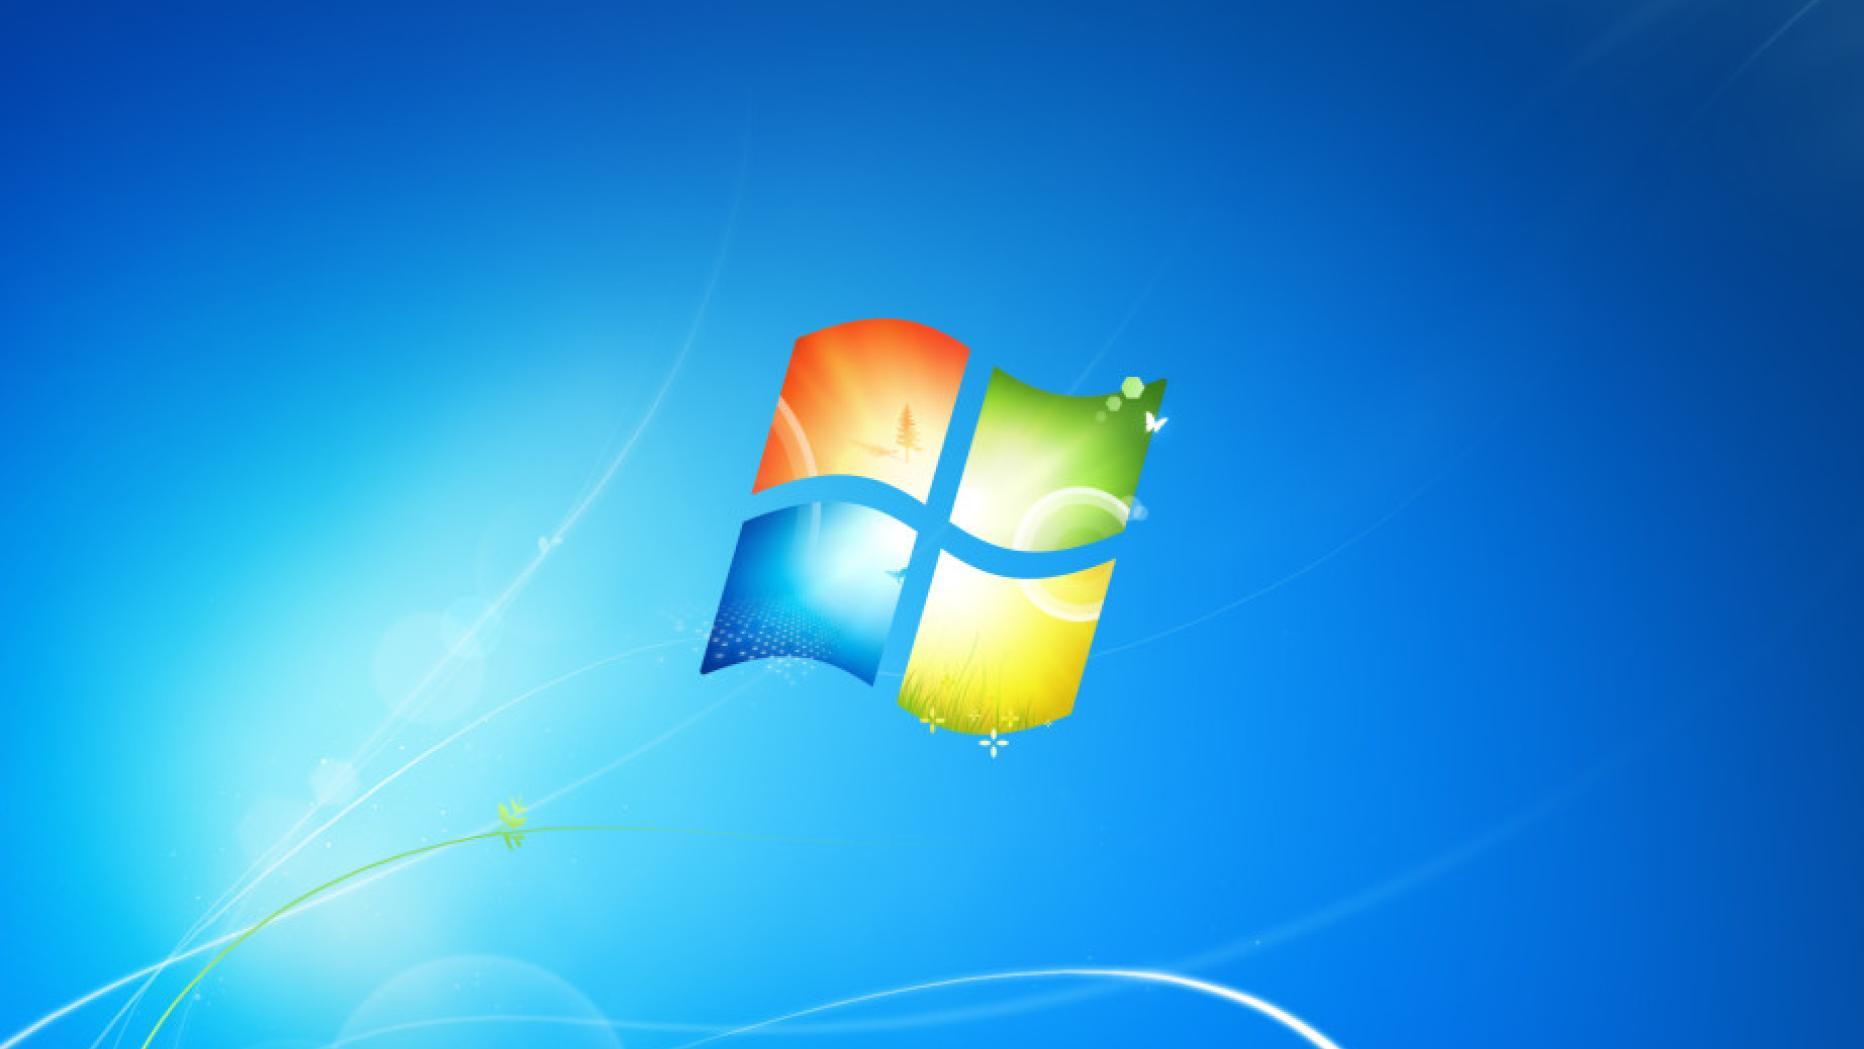 windows 10 lässt sich nicht herunterfahren